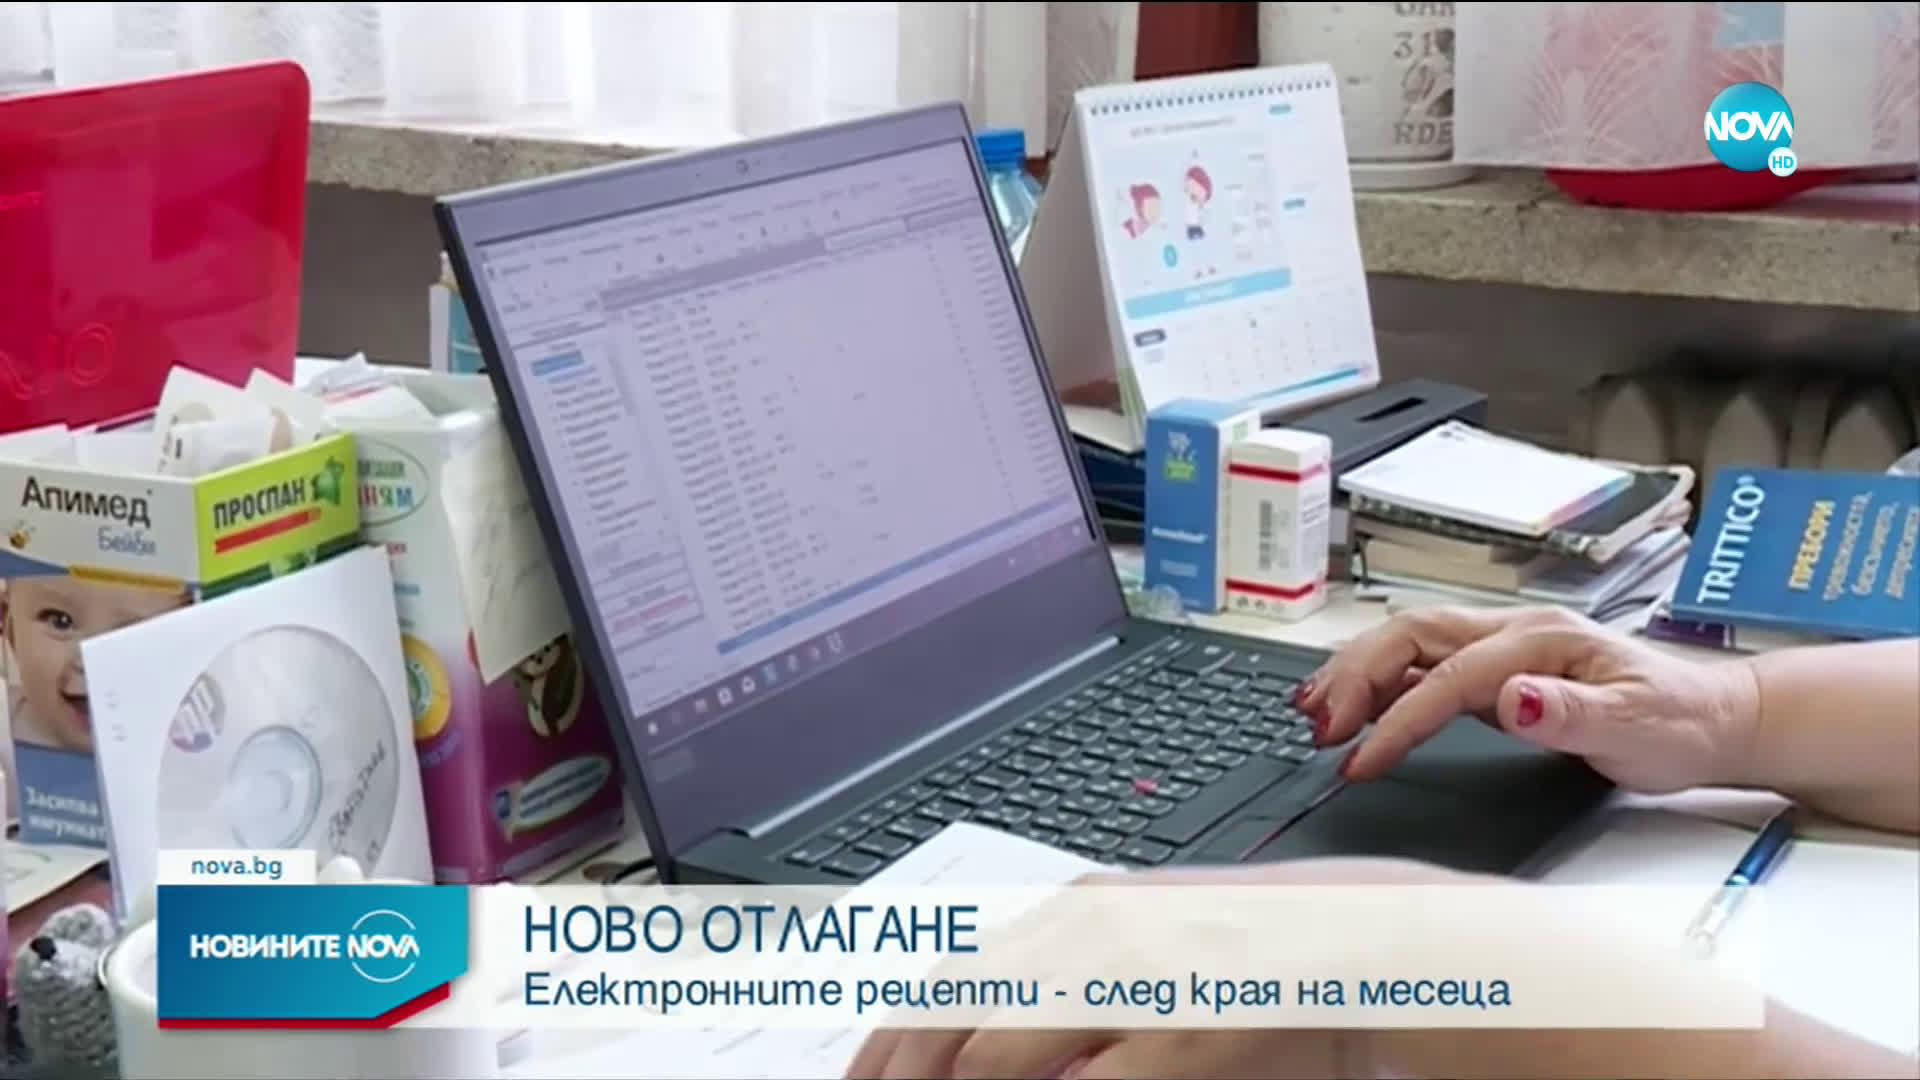 НОВО ОТЛАГАНЕ: Всички рецепти стават електронни от слеващия месец